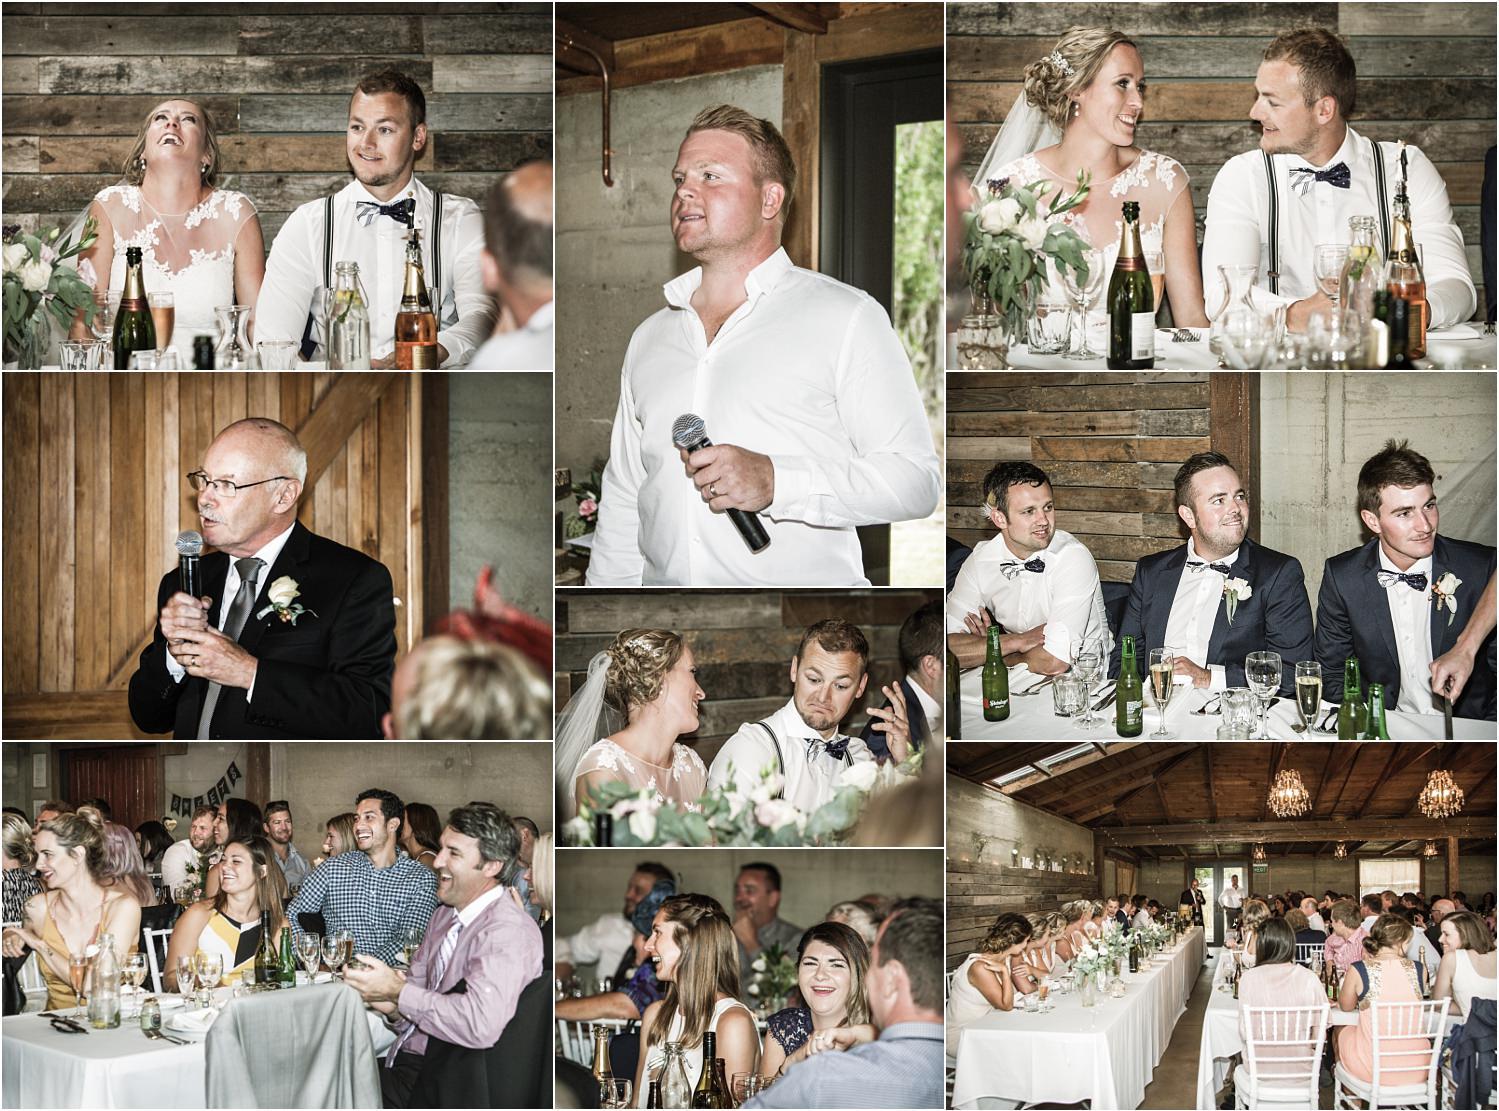 central-otago-wedding-photography-fluidphoto-82.jpg